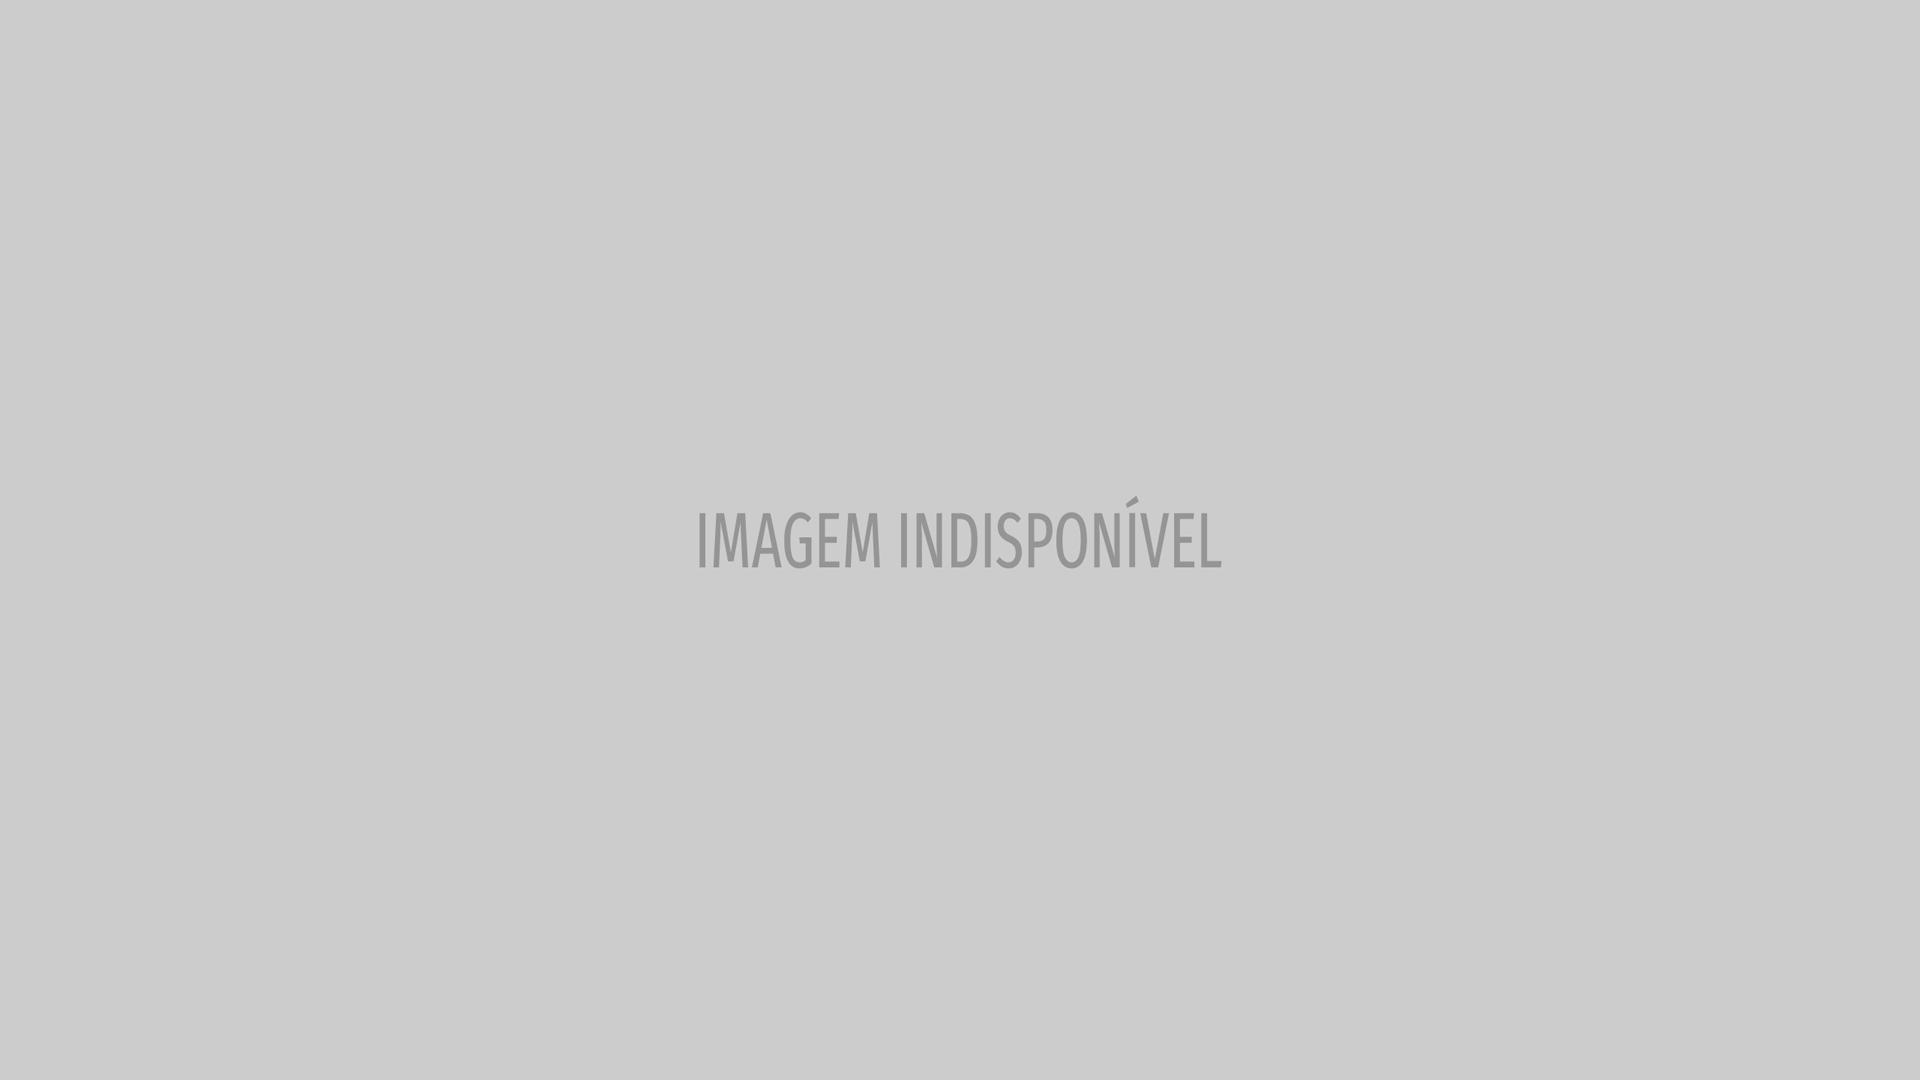 Khloé Kardashian recebeu uma (pequena) fortuna em presentes para a bebé